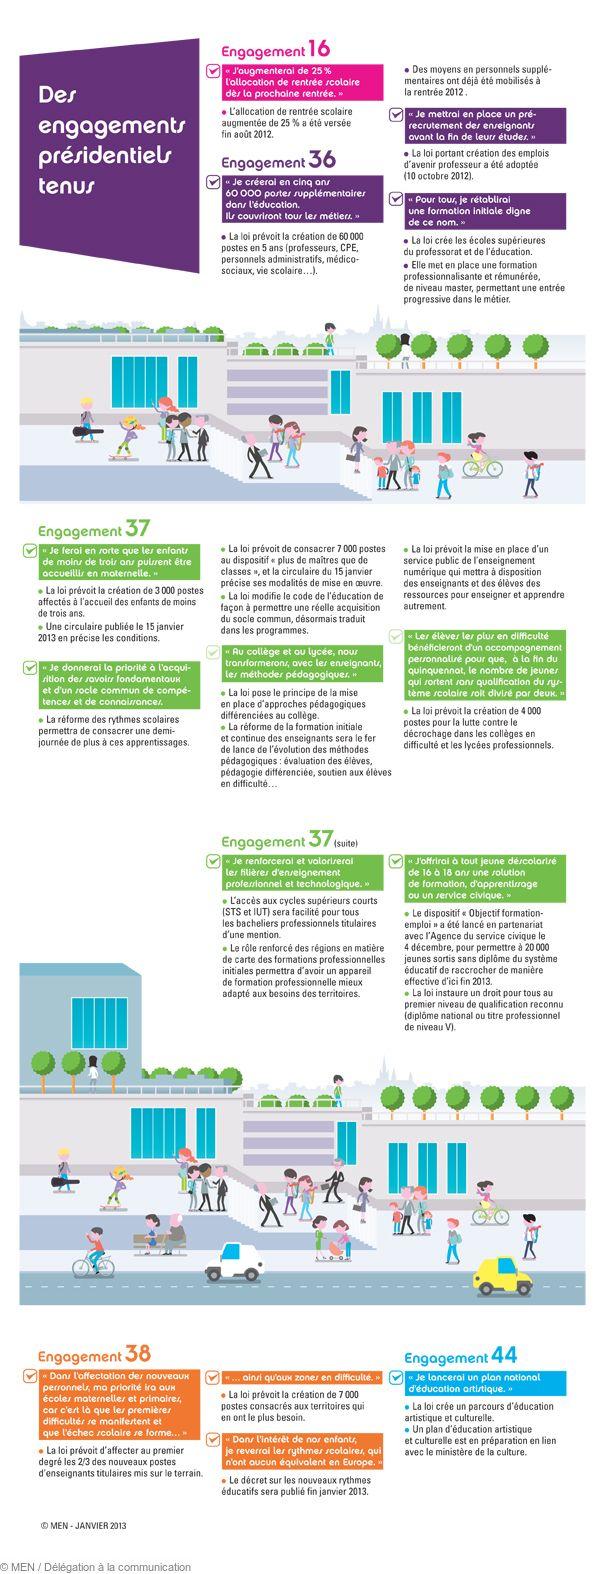 05_Infographie projet de loi pour la refondation de l'École